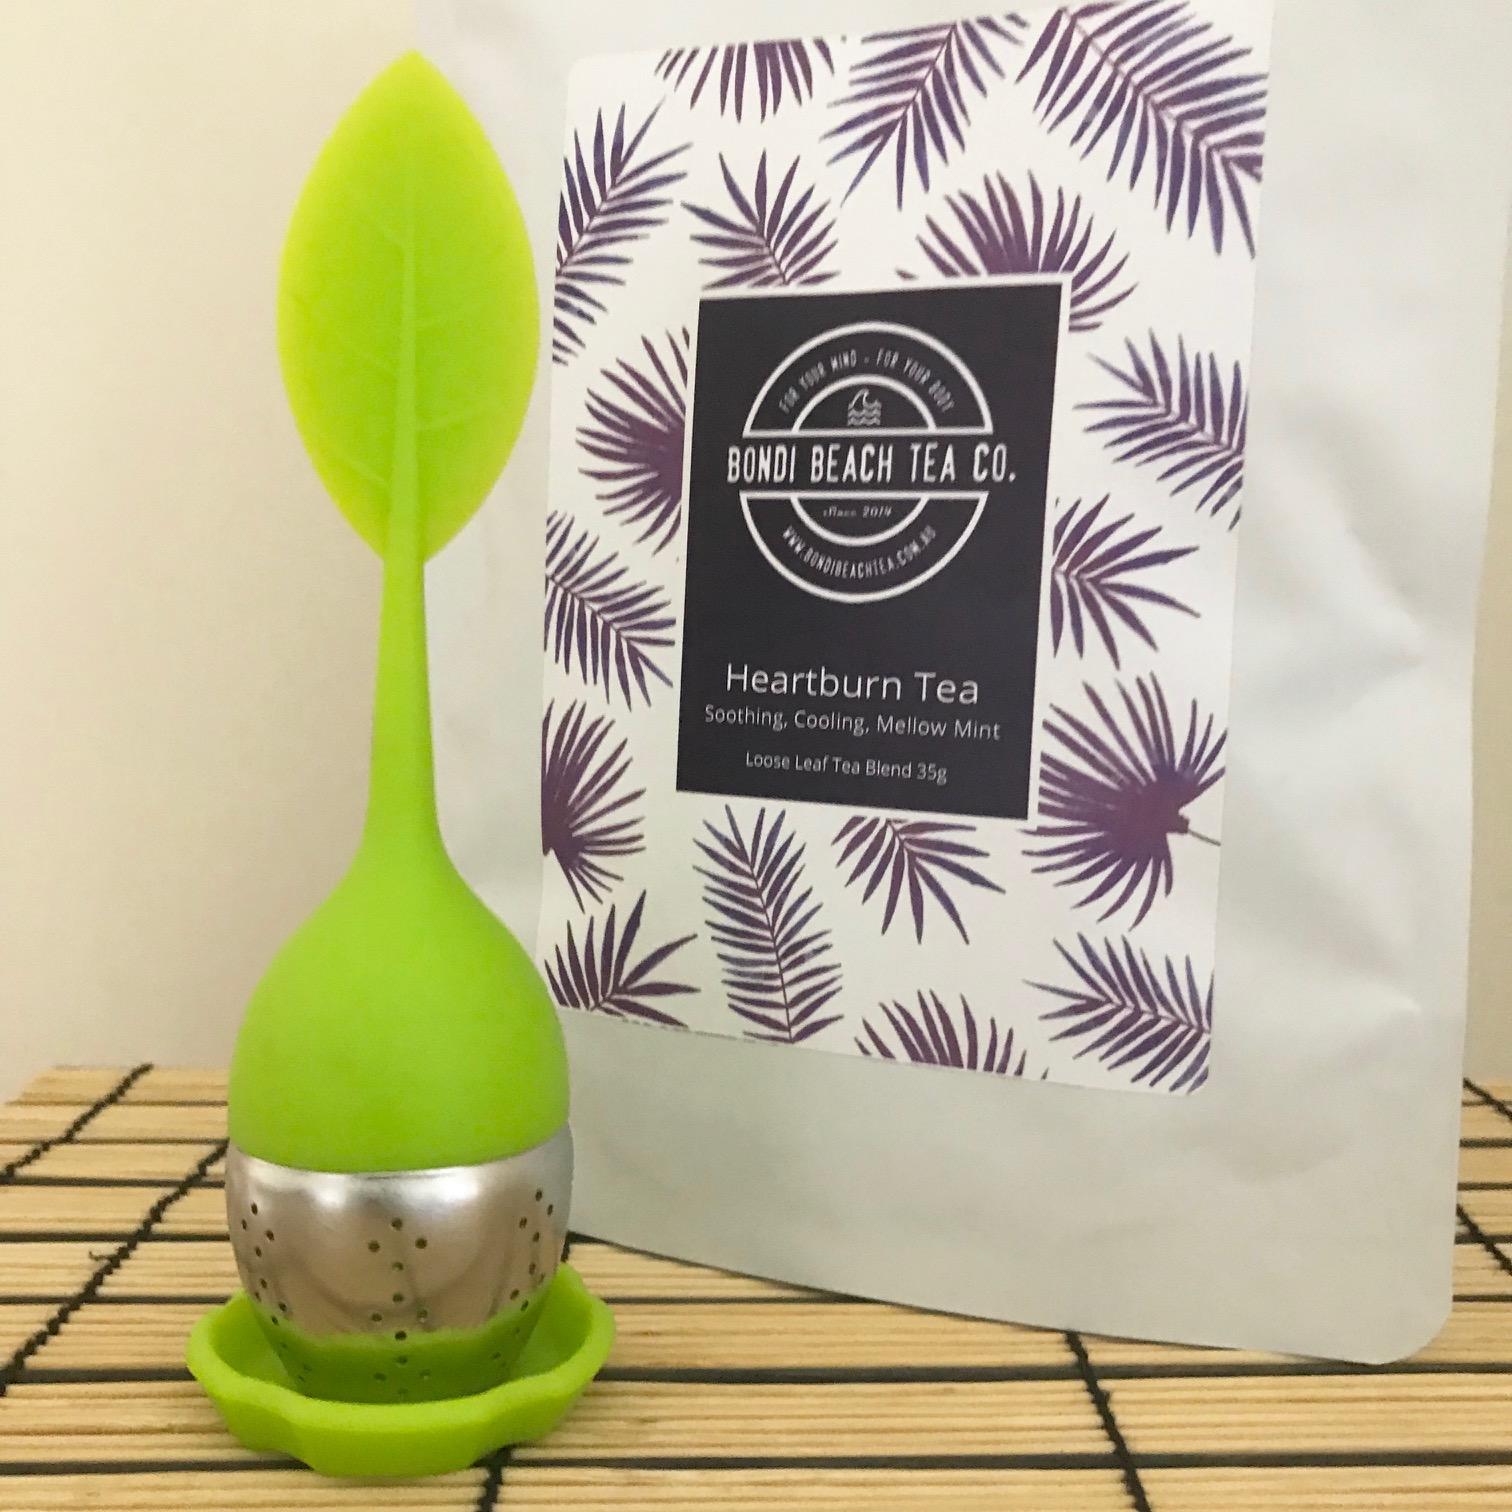 Bondi Beach Tea Co tea strainer